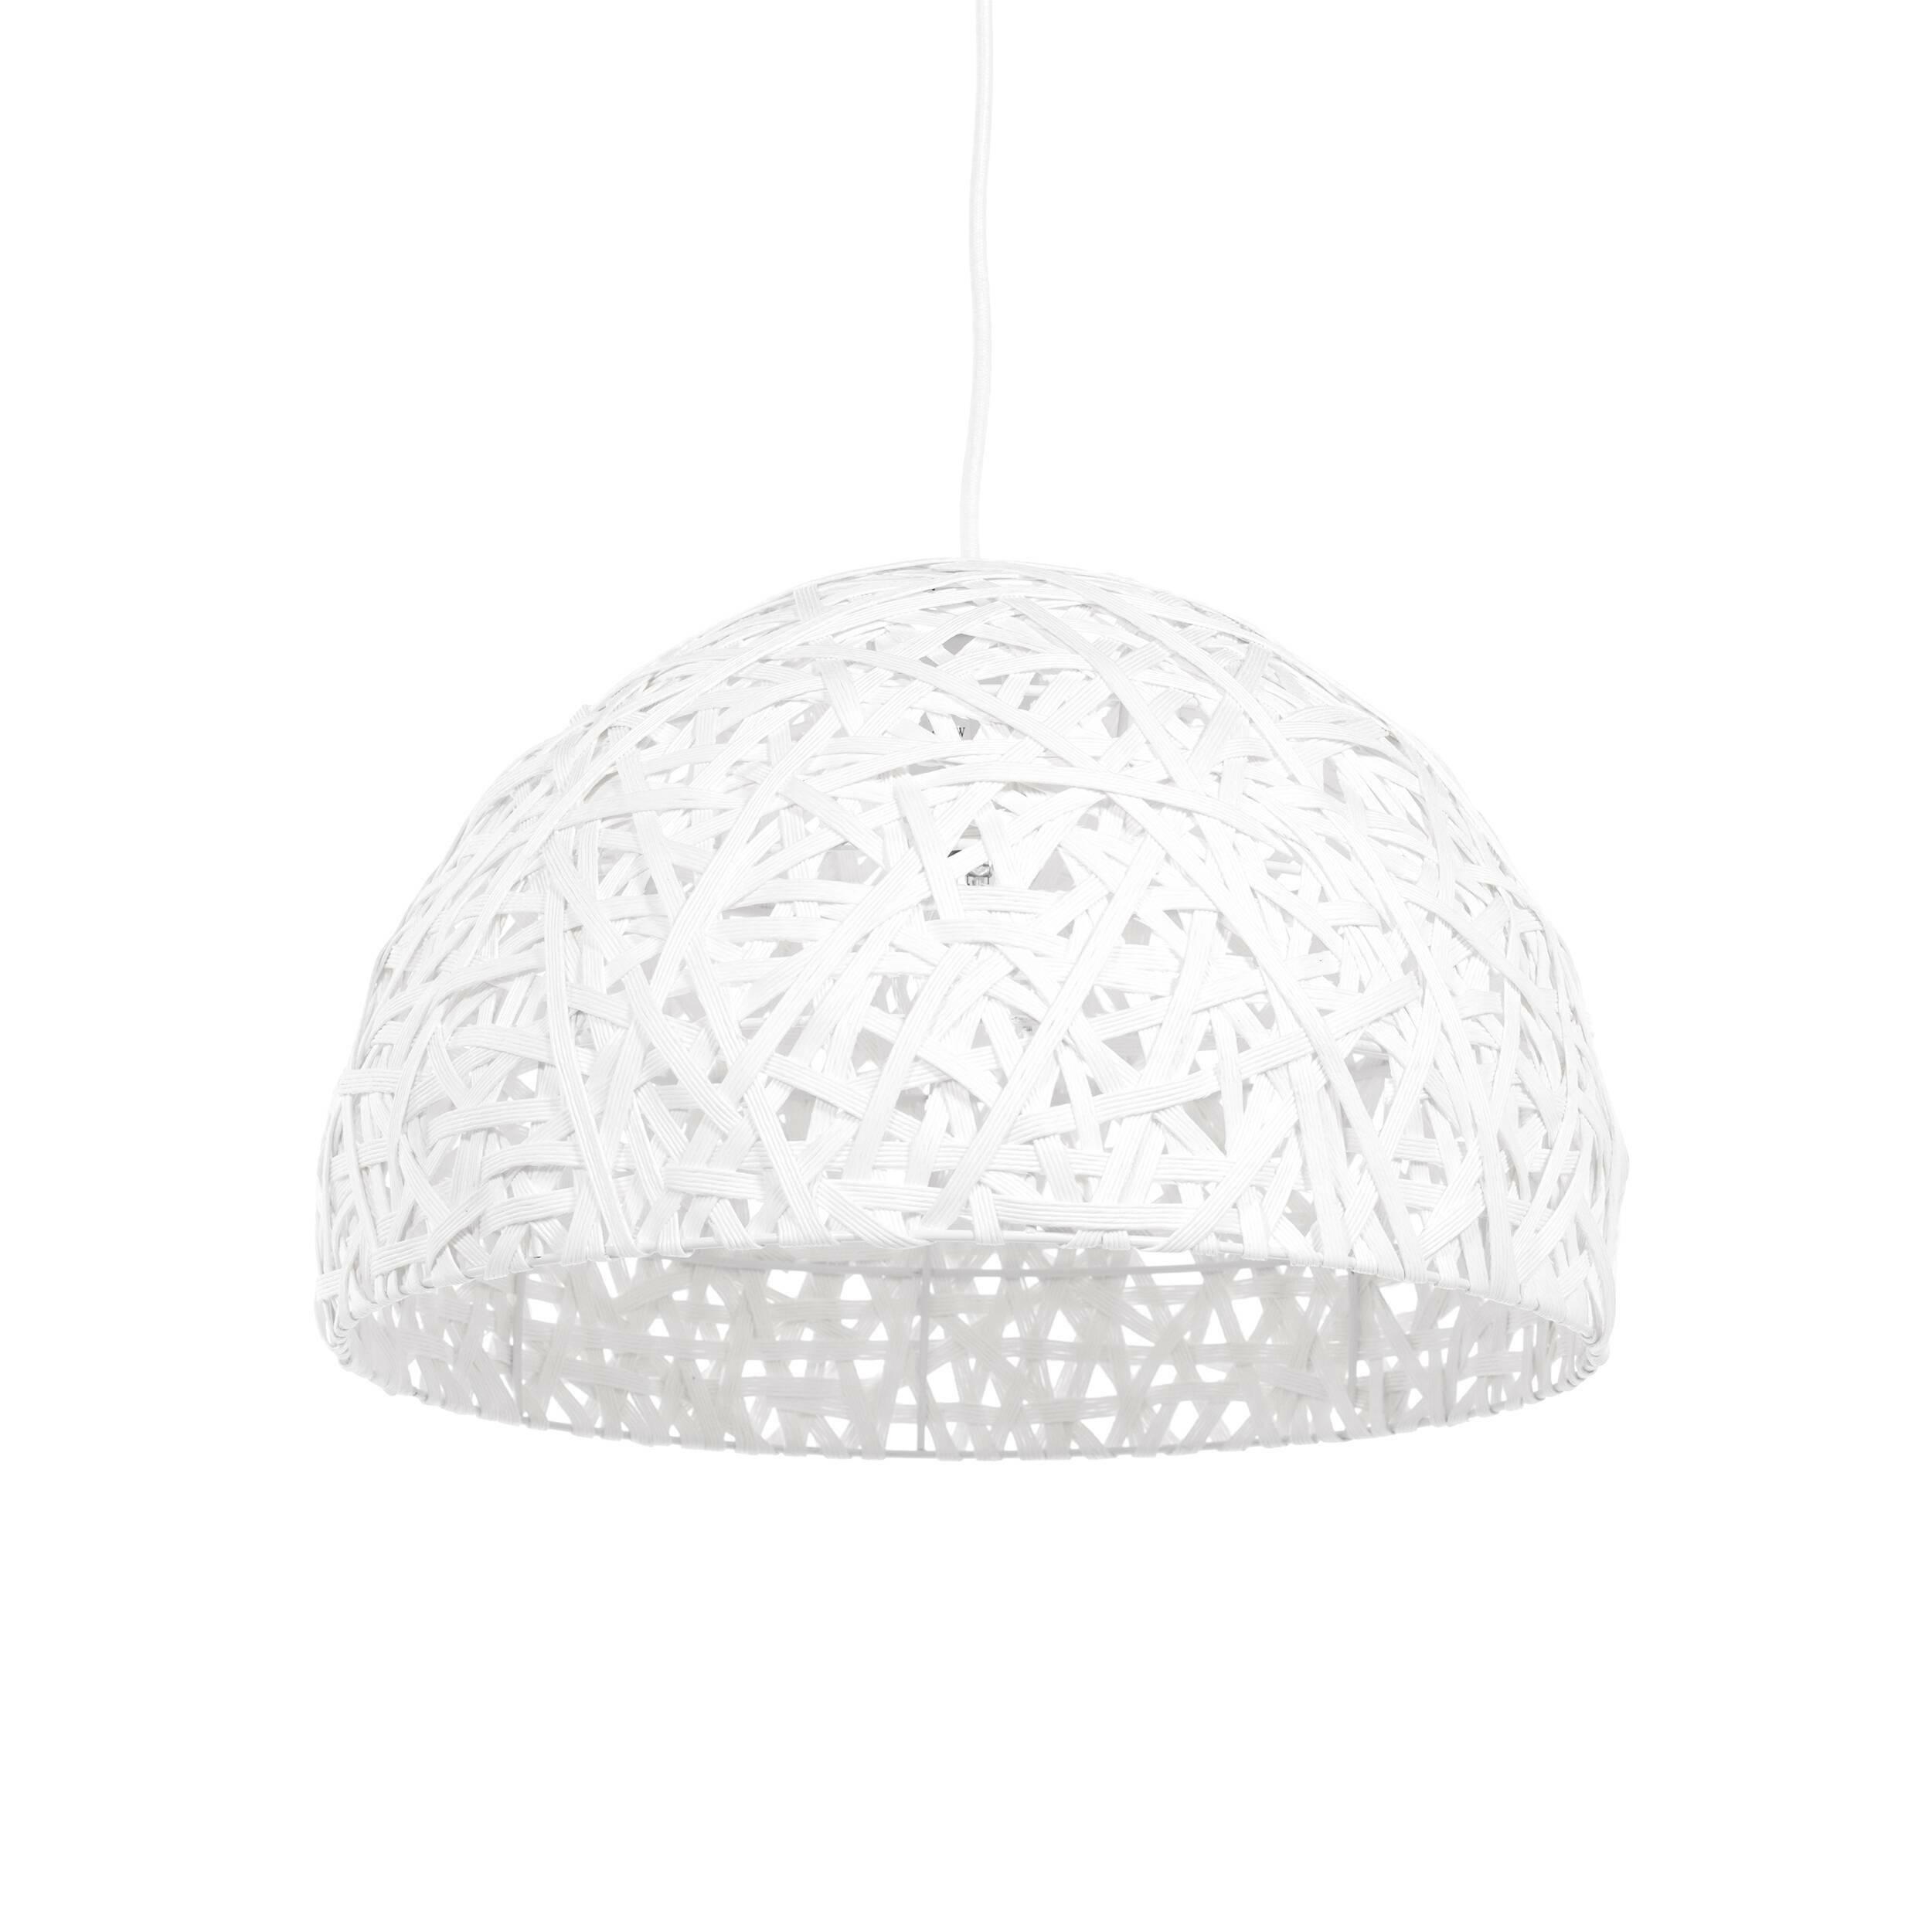 Подвесной светильник NestПодвесные<br>Порой чтобы создать по-настоящему стильный интерьер, совершенно не обязательно прибегать к покупке дорогостоящего наполнения. Очень важно достигнуть баланса простоты и стиля мебели, света и декора. Подвесной светильник Nest — это отличный инструмент, с которым можно создать сдержанный, но стильный дизайн помещения для жизни. <br> <br> Светильник можно использовать как в интерьере гостиной, так и кухни. Дизайнер предусмотрел два цветовых решения, поэтому светильник легко приспособить именно под ва...<br><br>stock: 39<br>Высота: 150<br>Диаметр: 40<br>Количество ламп: 1<br>Материал абажура: Бумага<br>Материал арматуры: Металл<br>Мощность лампы: 40<br>Ламп в комплекте: Нет<br>Напряжение: 220-240<br>Тип лампы/цоколь: E27<br>Цвет абажура: Белый<br>Цвет арматуры: Белый<br>Цвет провода: Белый